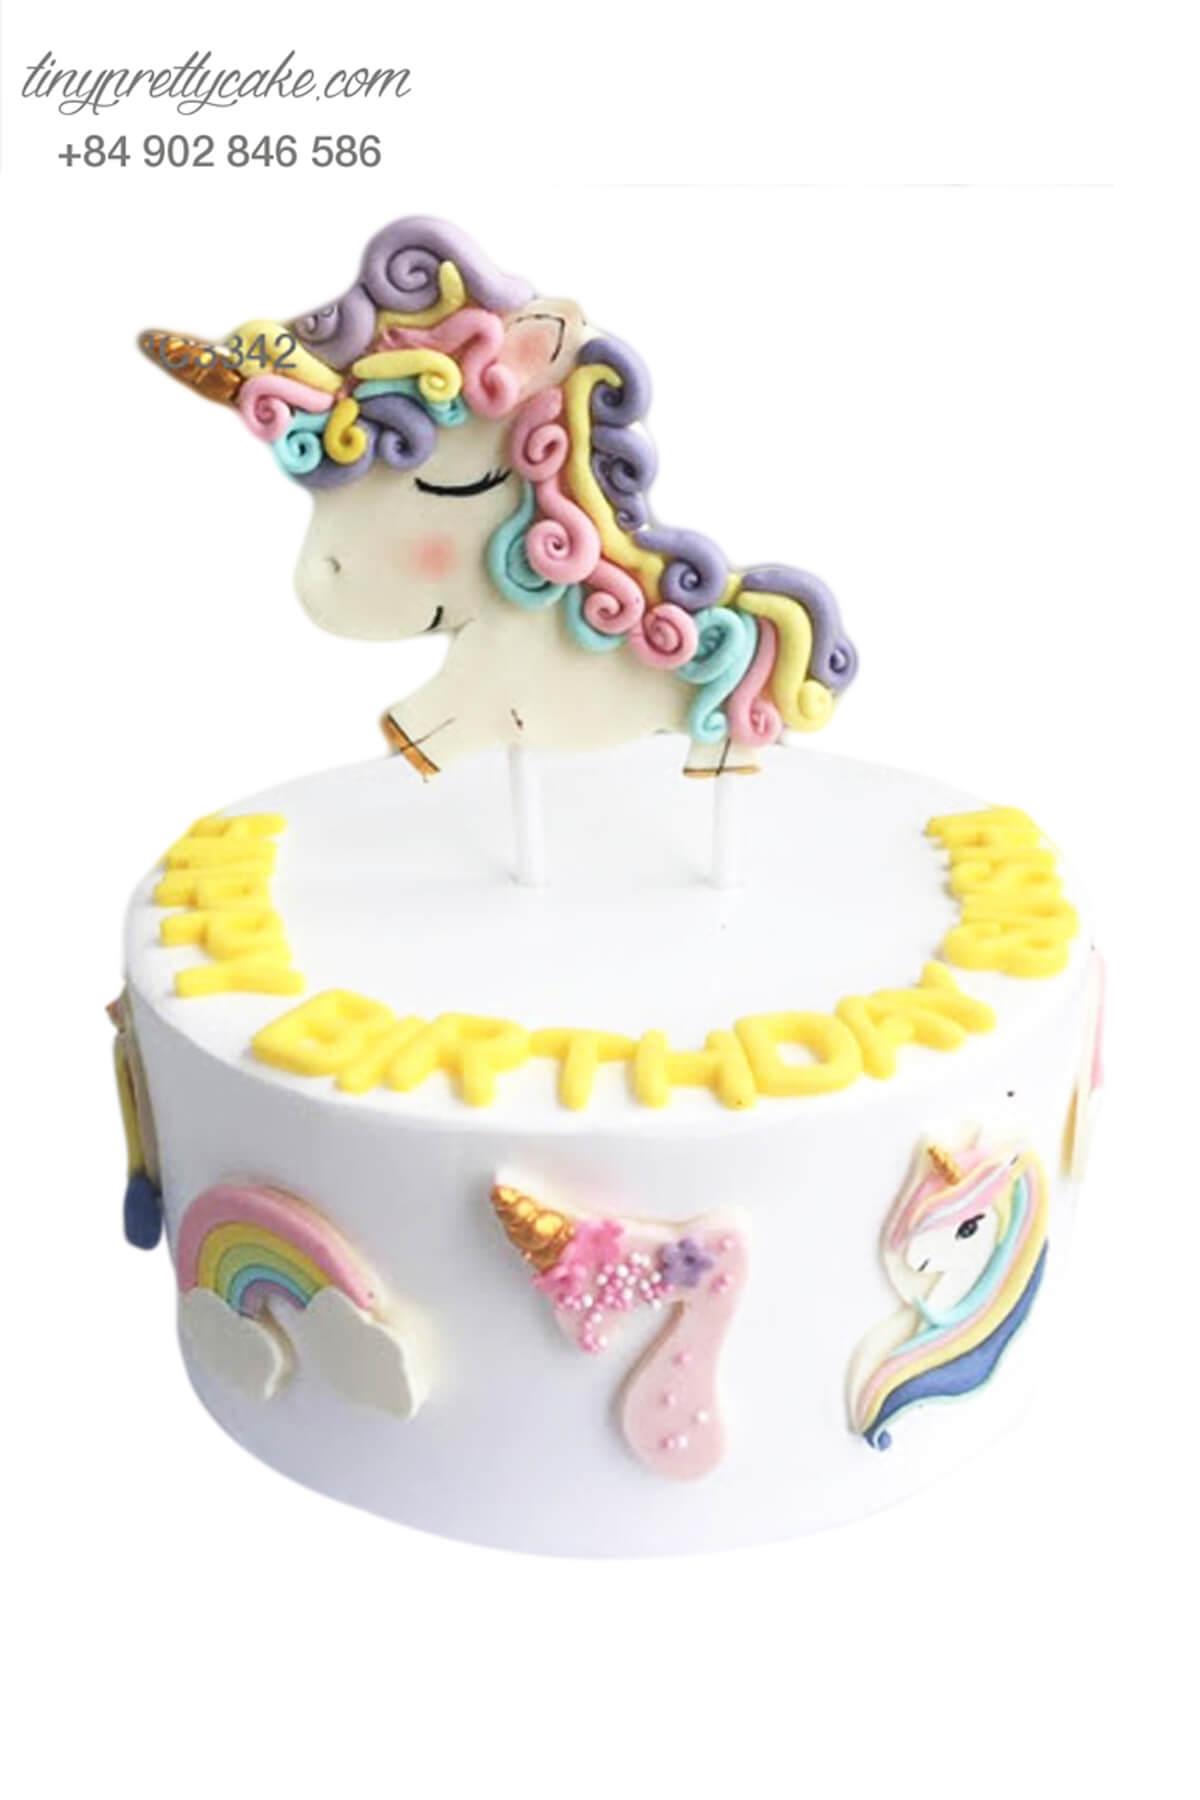 bánh kem hình con ngựa cho bé tuổi ngọ